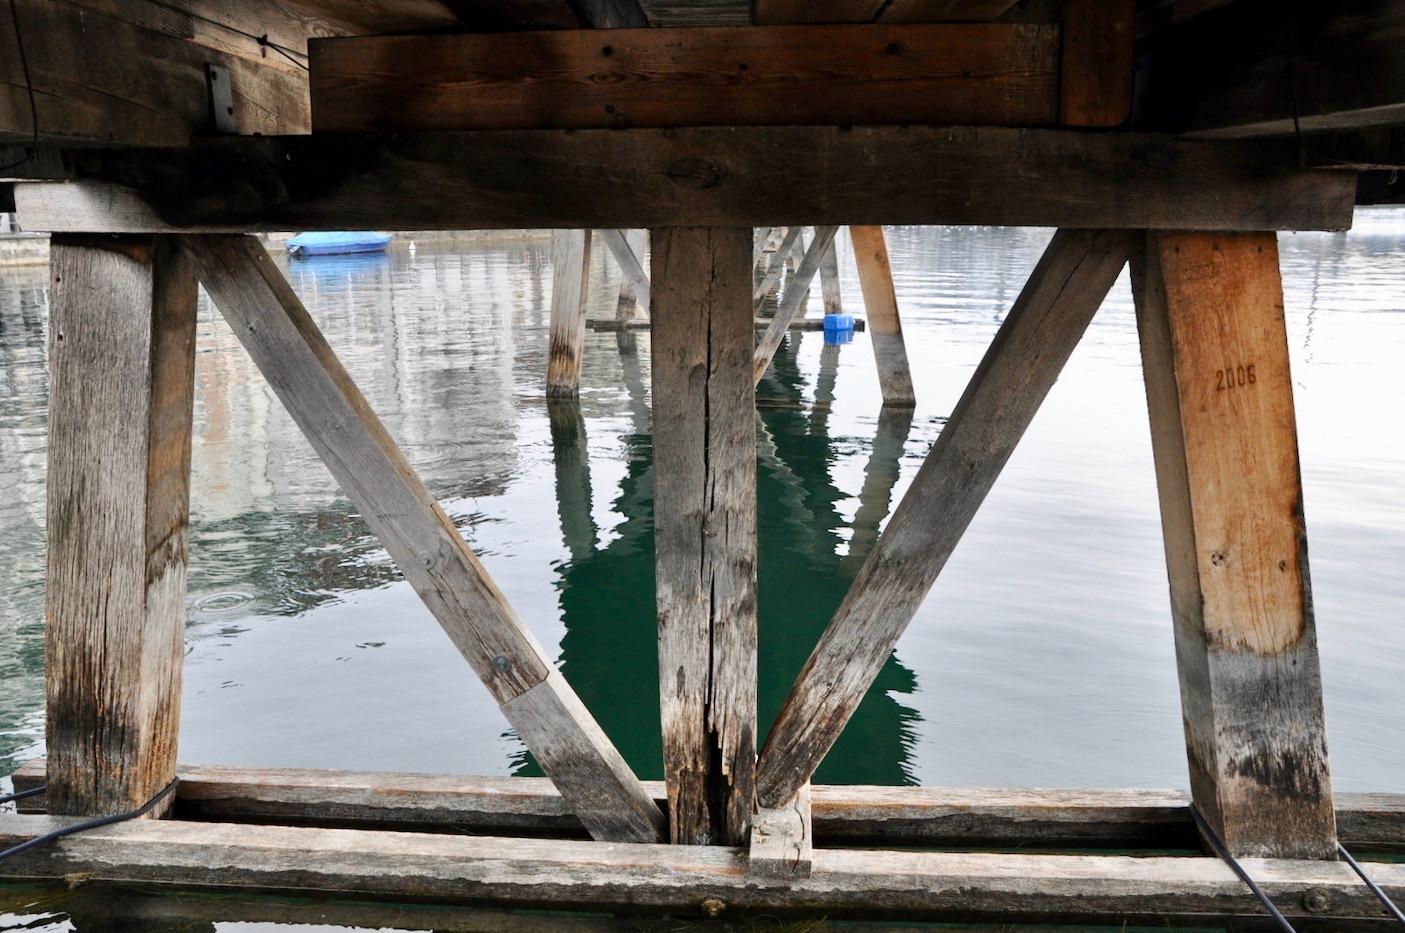 So sehen die Joche unterhalb der Kapellbrücke aus. Rechts sieht man einen jüngeren Pfahl aus dem Jahr 2006.